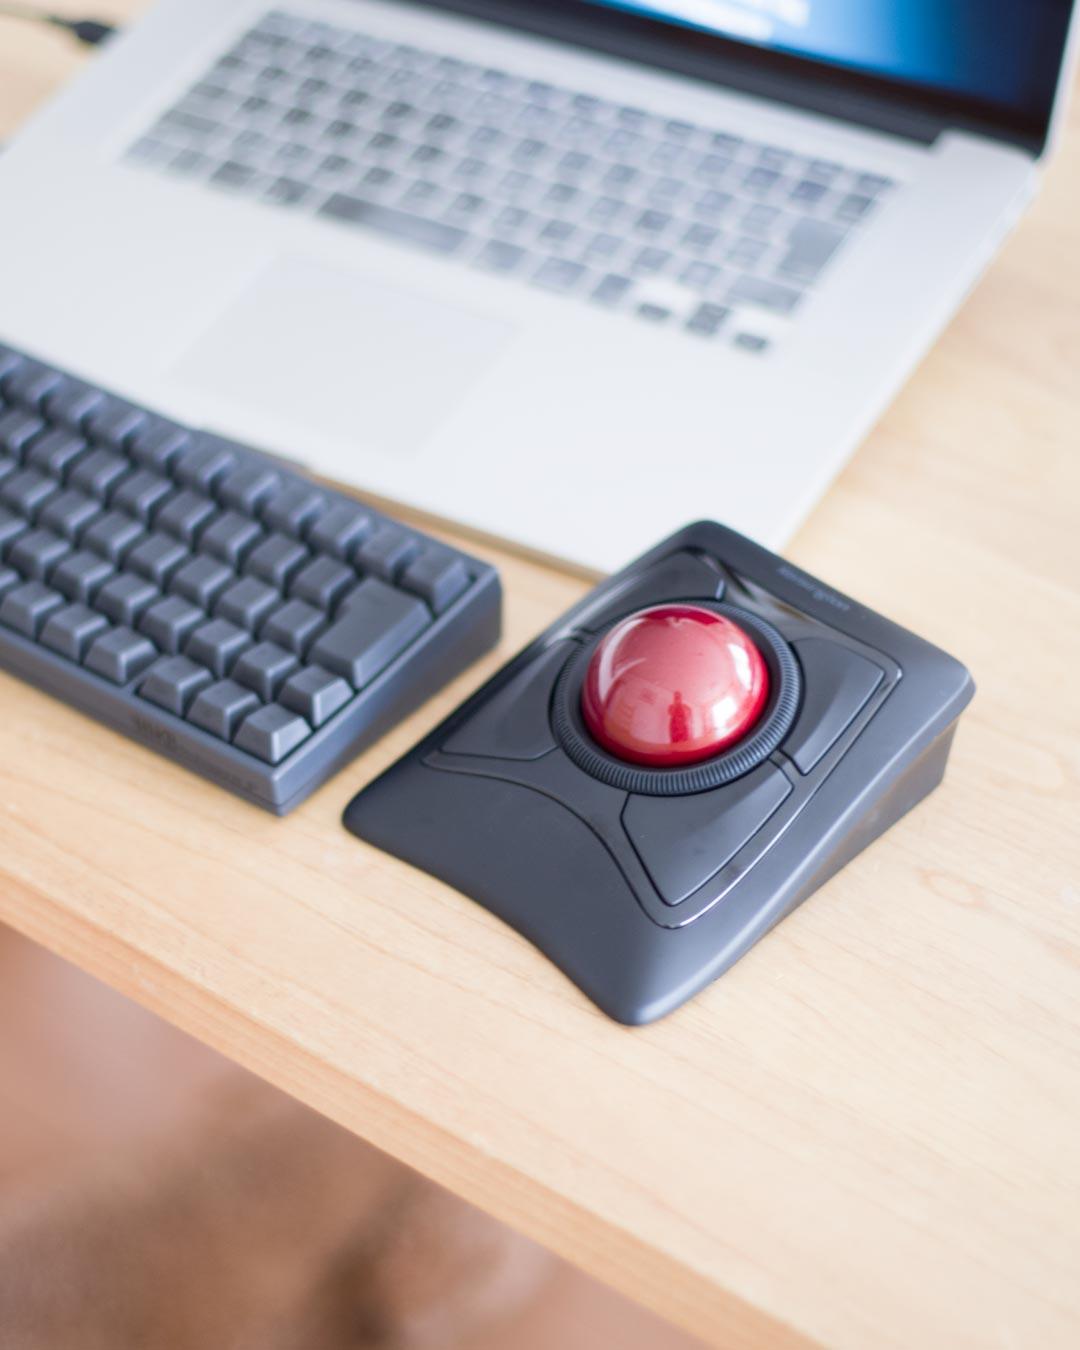 Kensington ケンジントンのトラックボール Expert Mouse は、Webデザインで使えるのか?